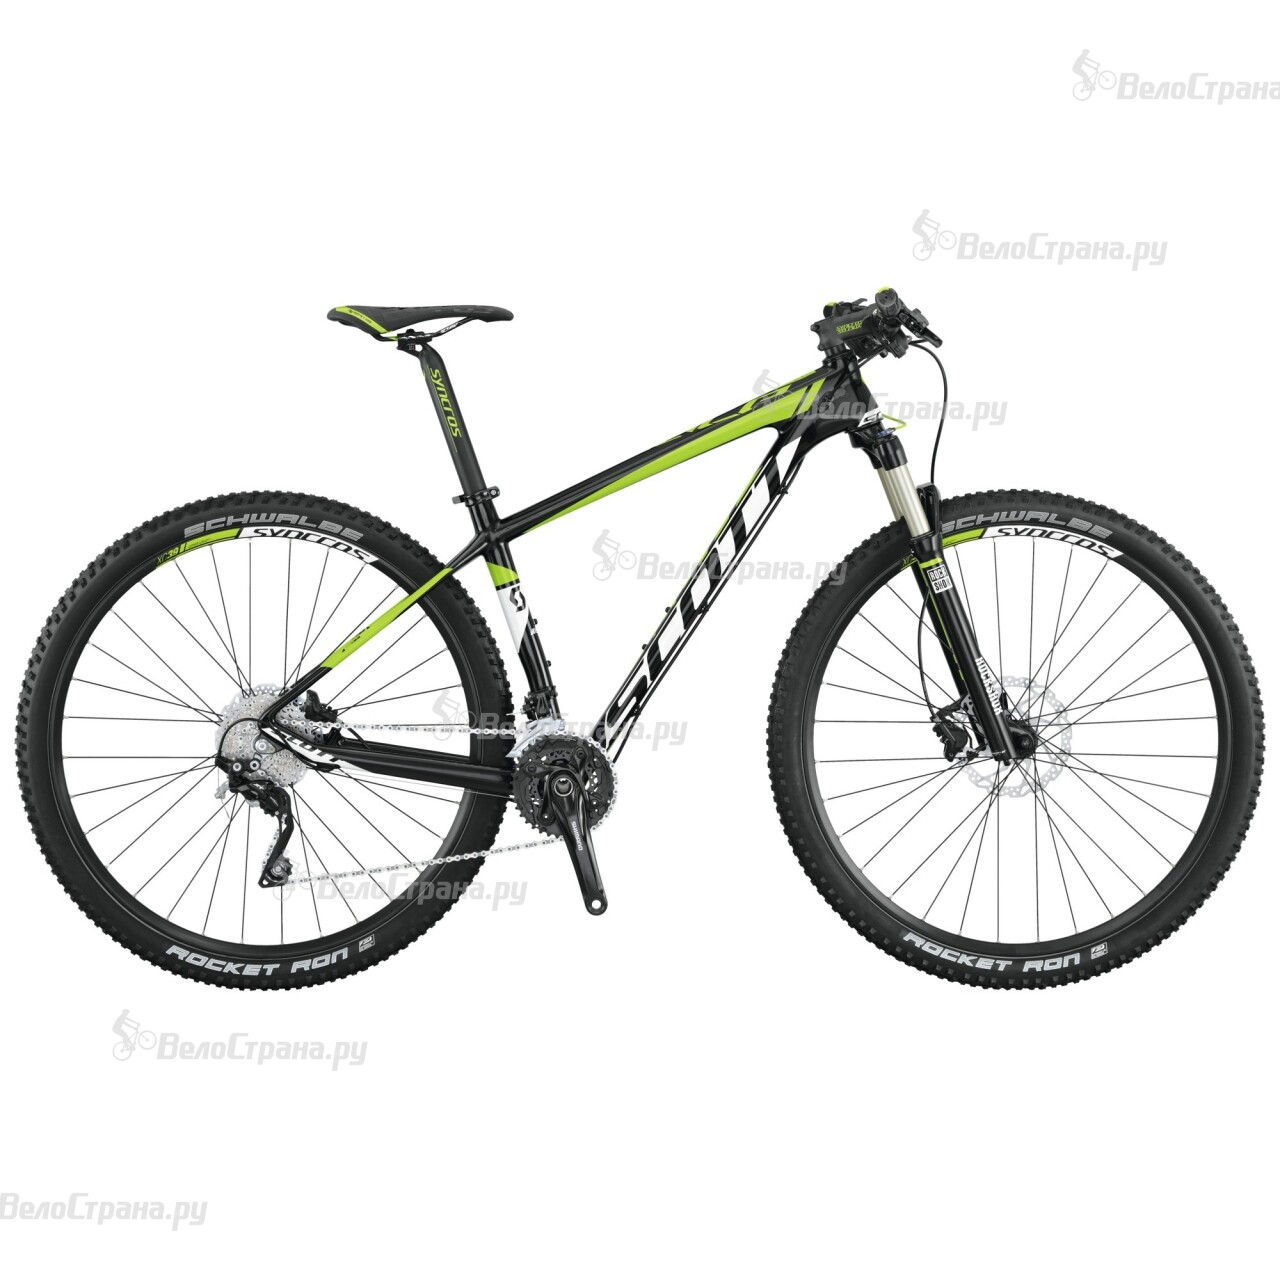 Велосипед Scott Scale 935 (2015) велосипед scott scale 935 2015